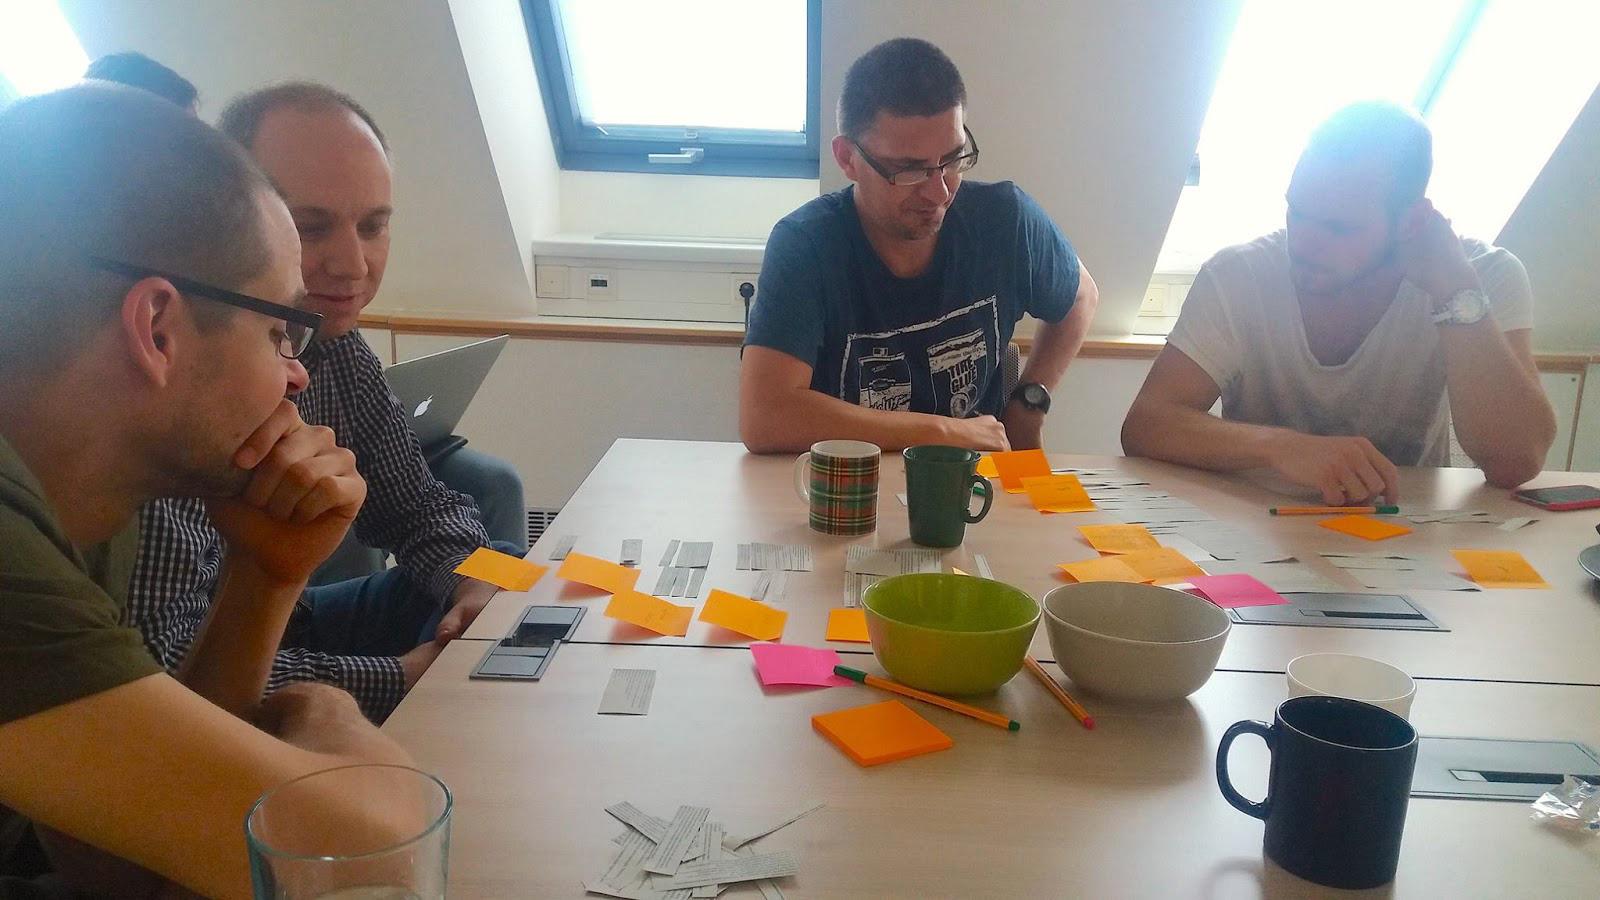 Card sorting teszt folyamatban. A fotón a rendszerezés közös megvitatása látható.